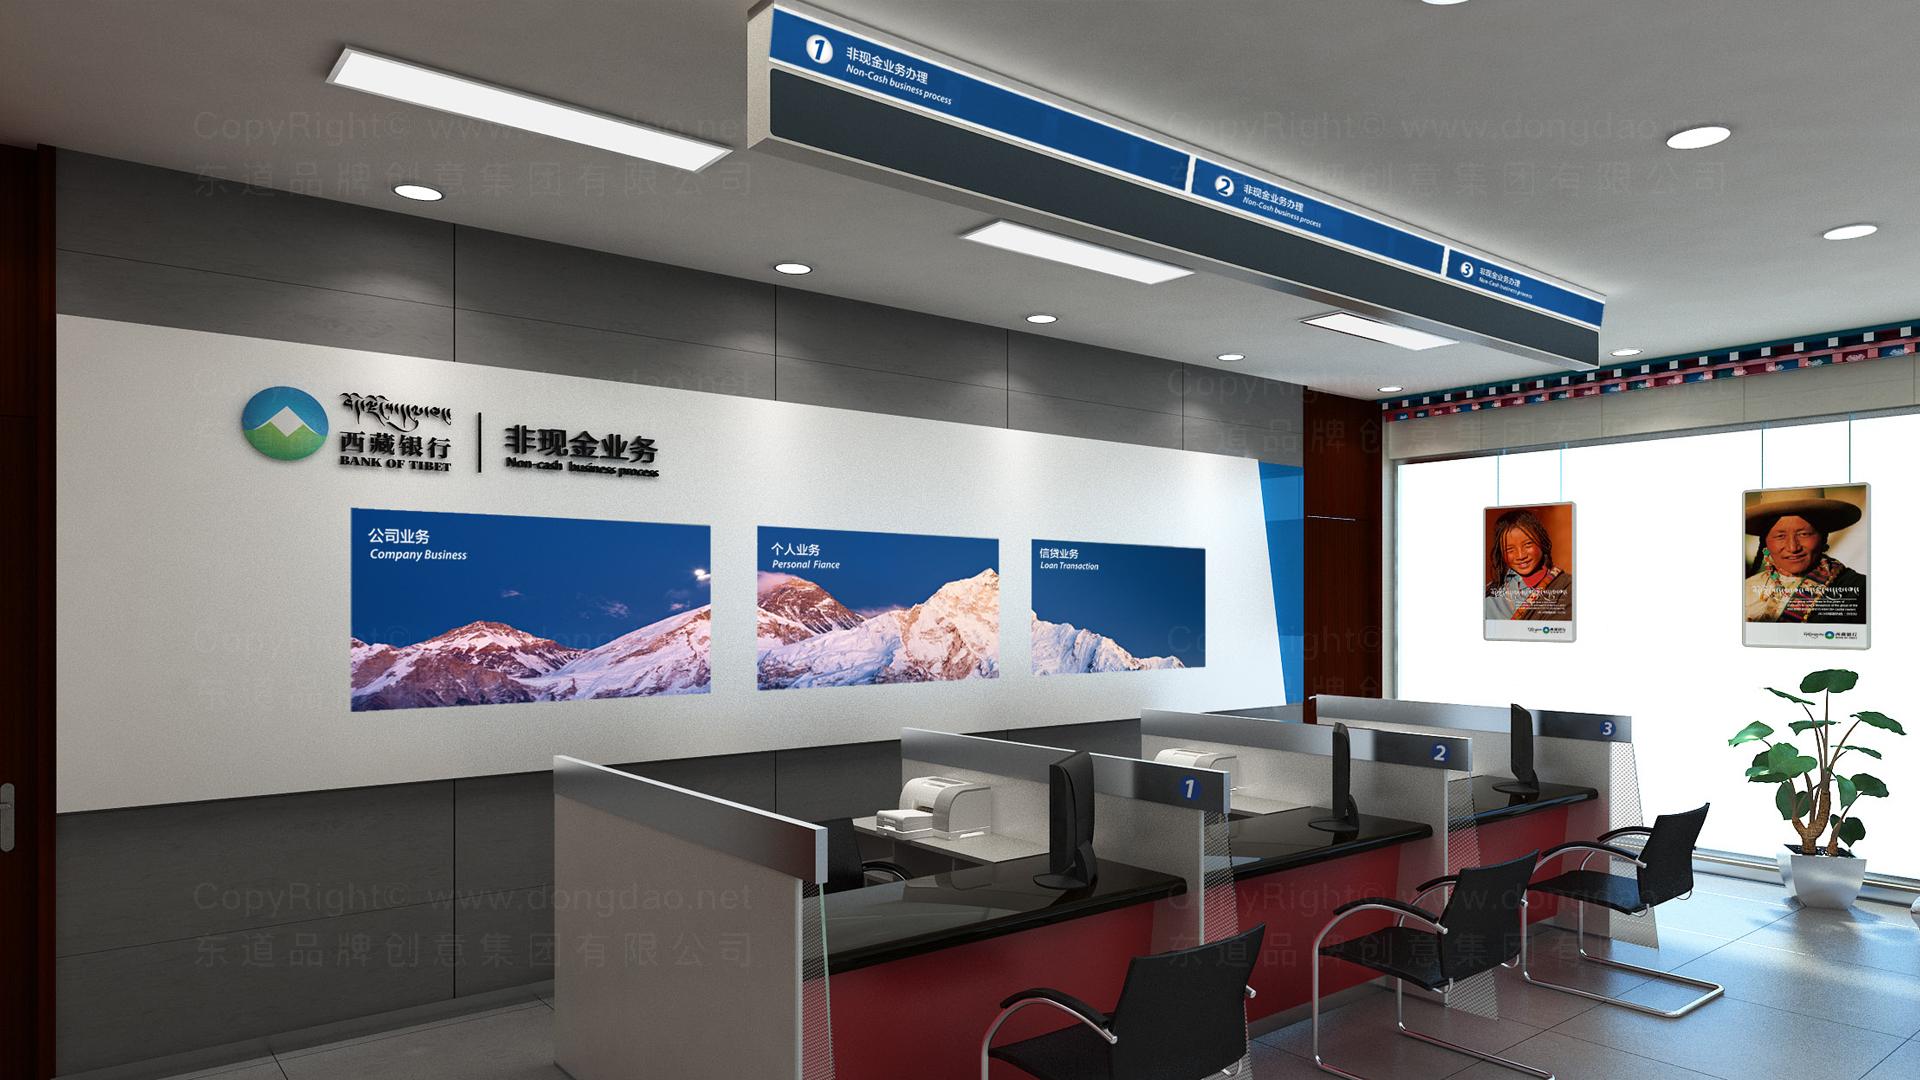 商业空间&导示西藏银行SI设计应用场景_2